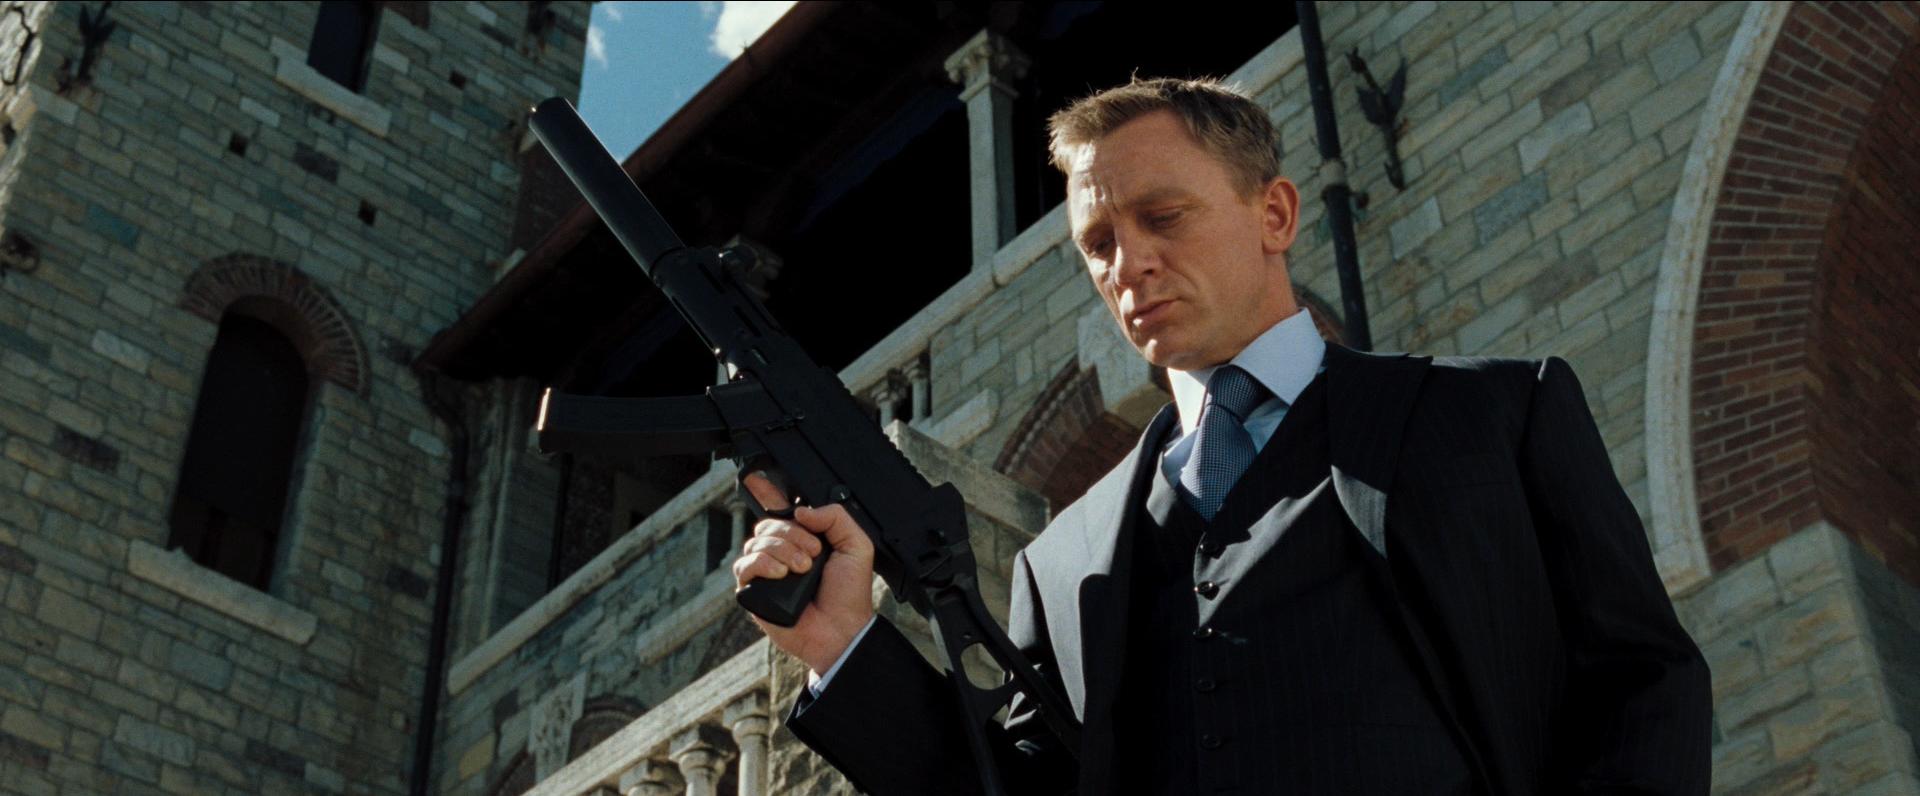 The final scene in Casino Royale